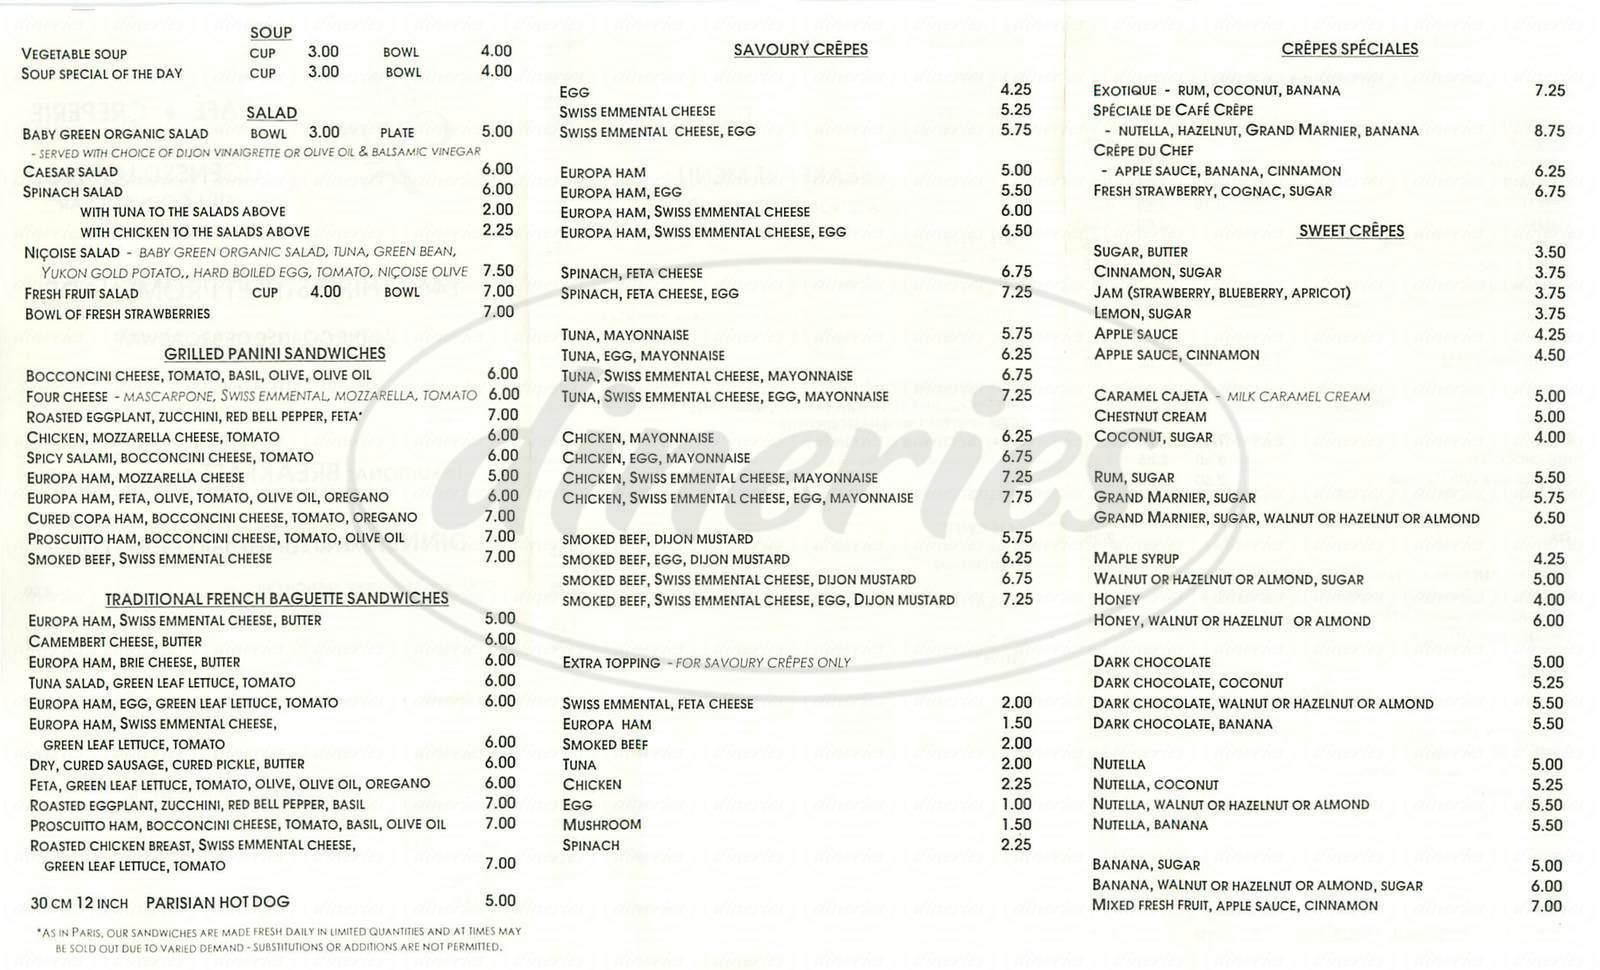 menu for Café Crepe